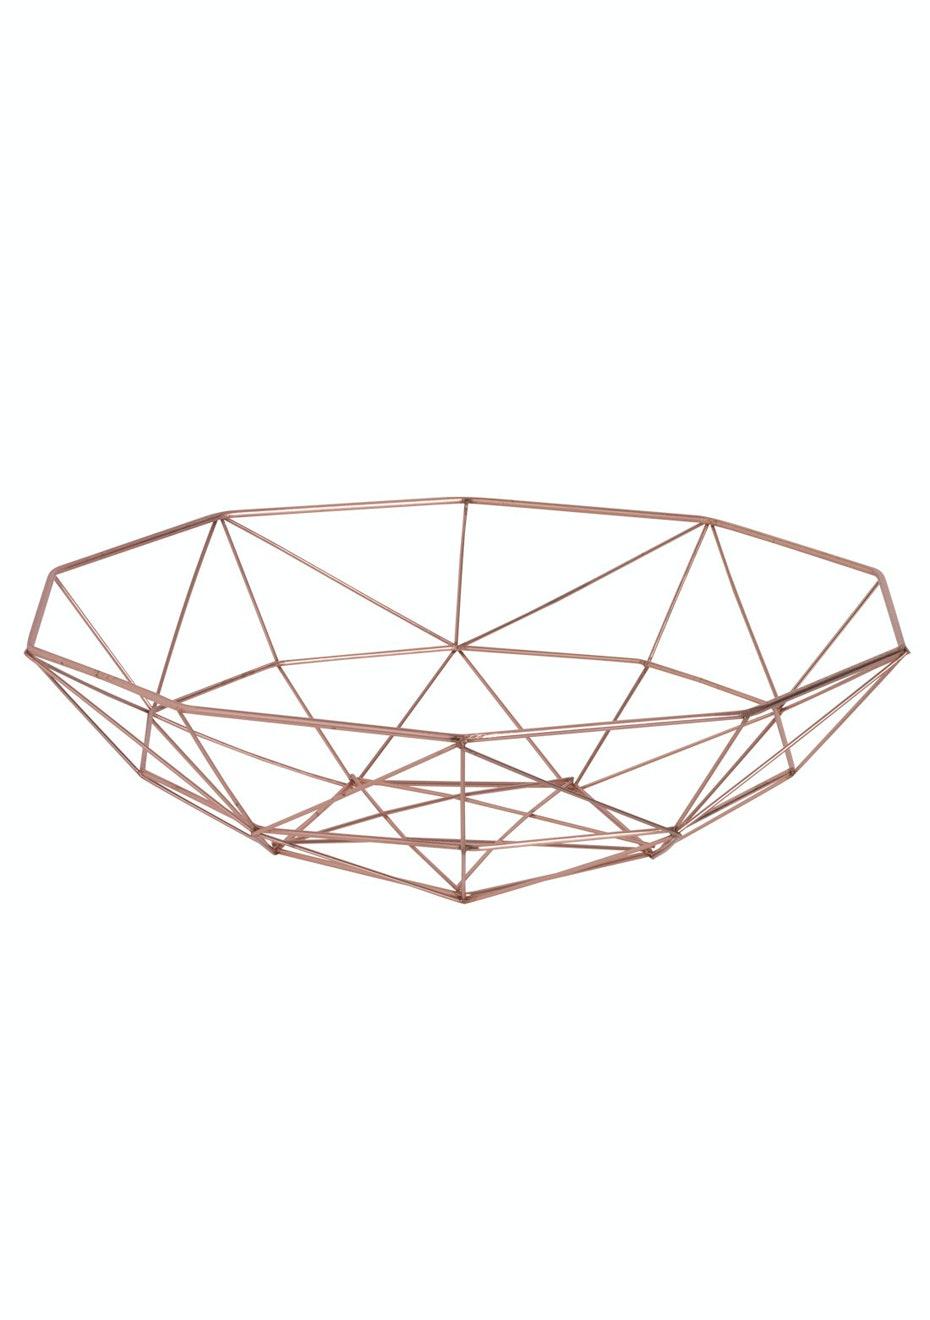 Jason - Metal Fruit Basket